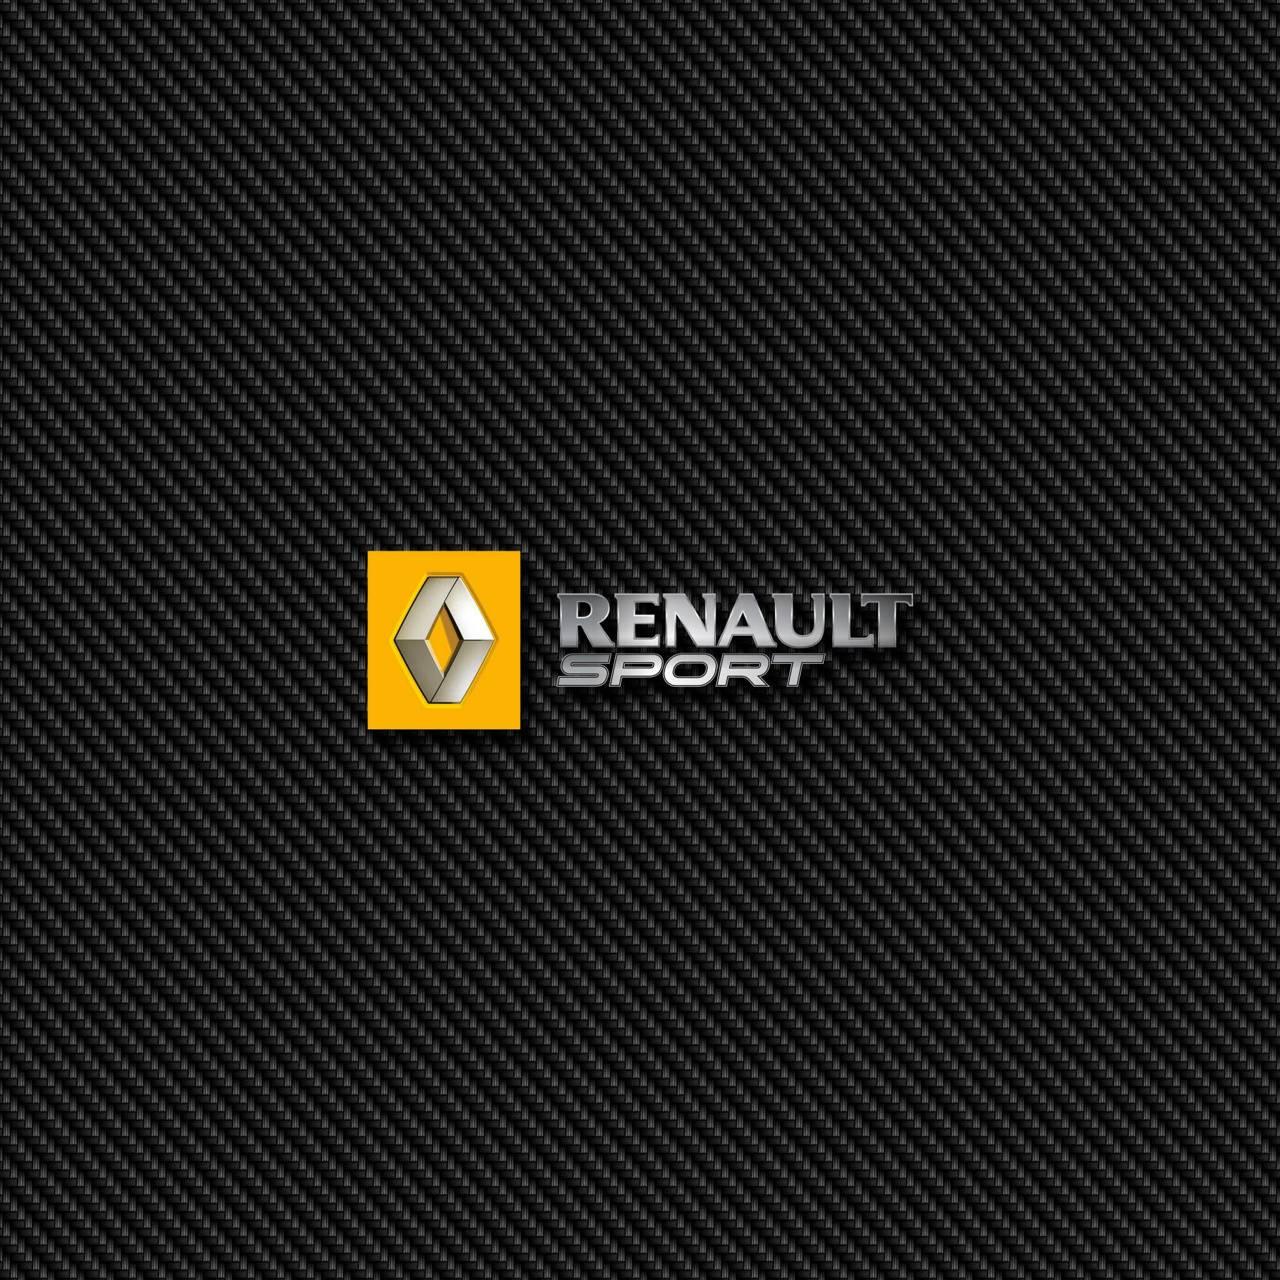 Renault Sport Carbon